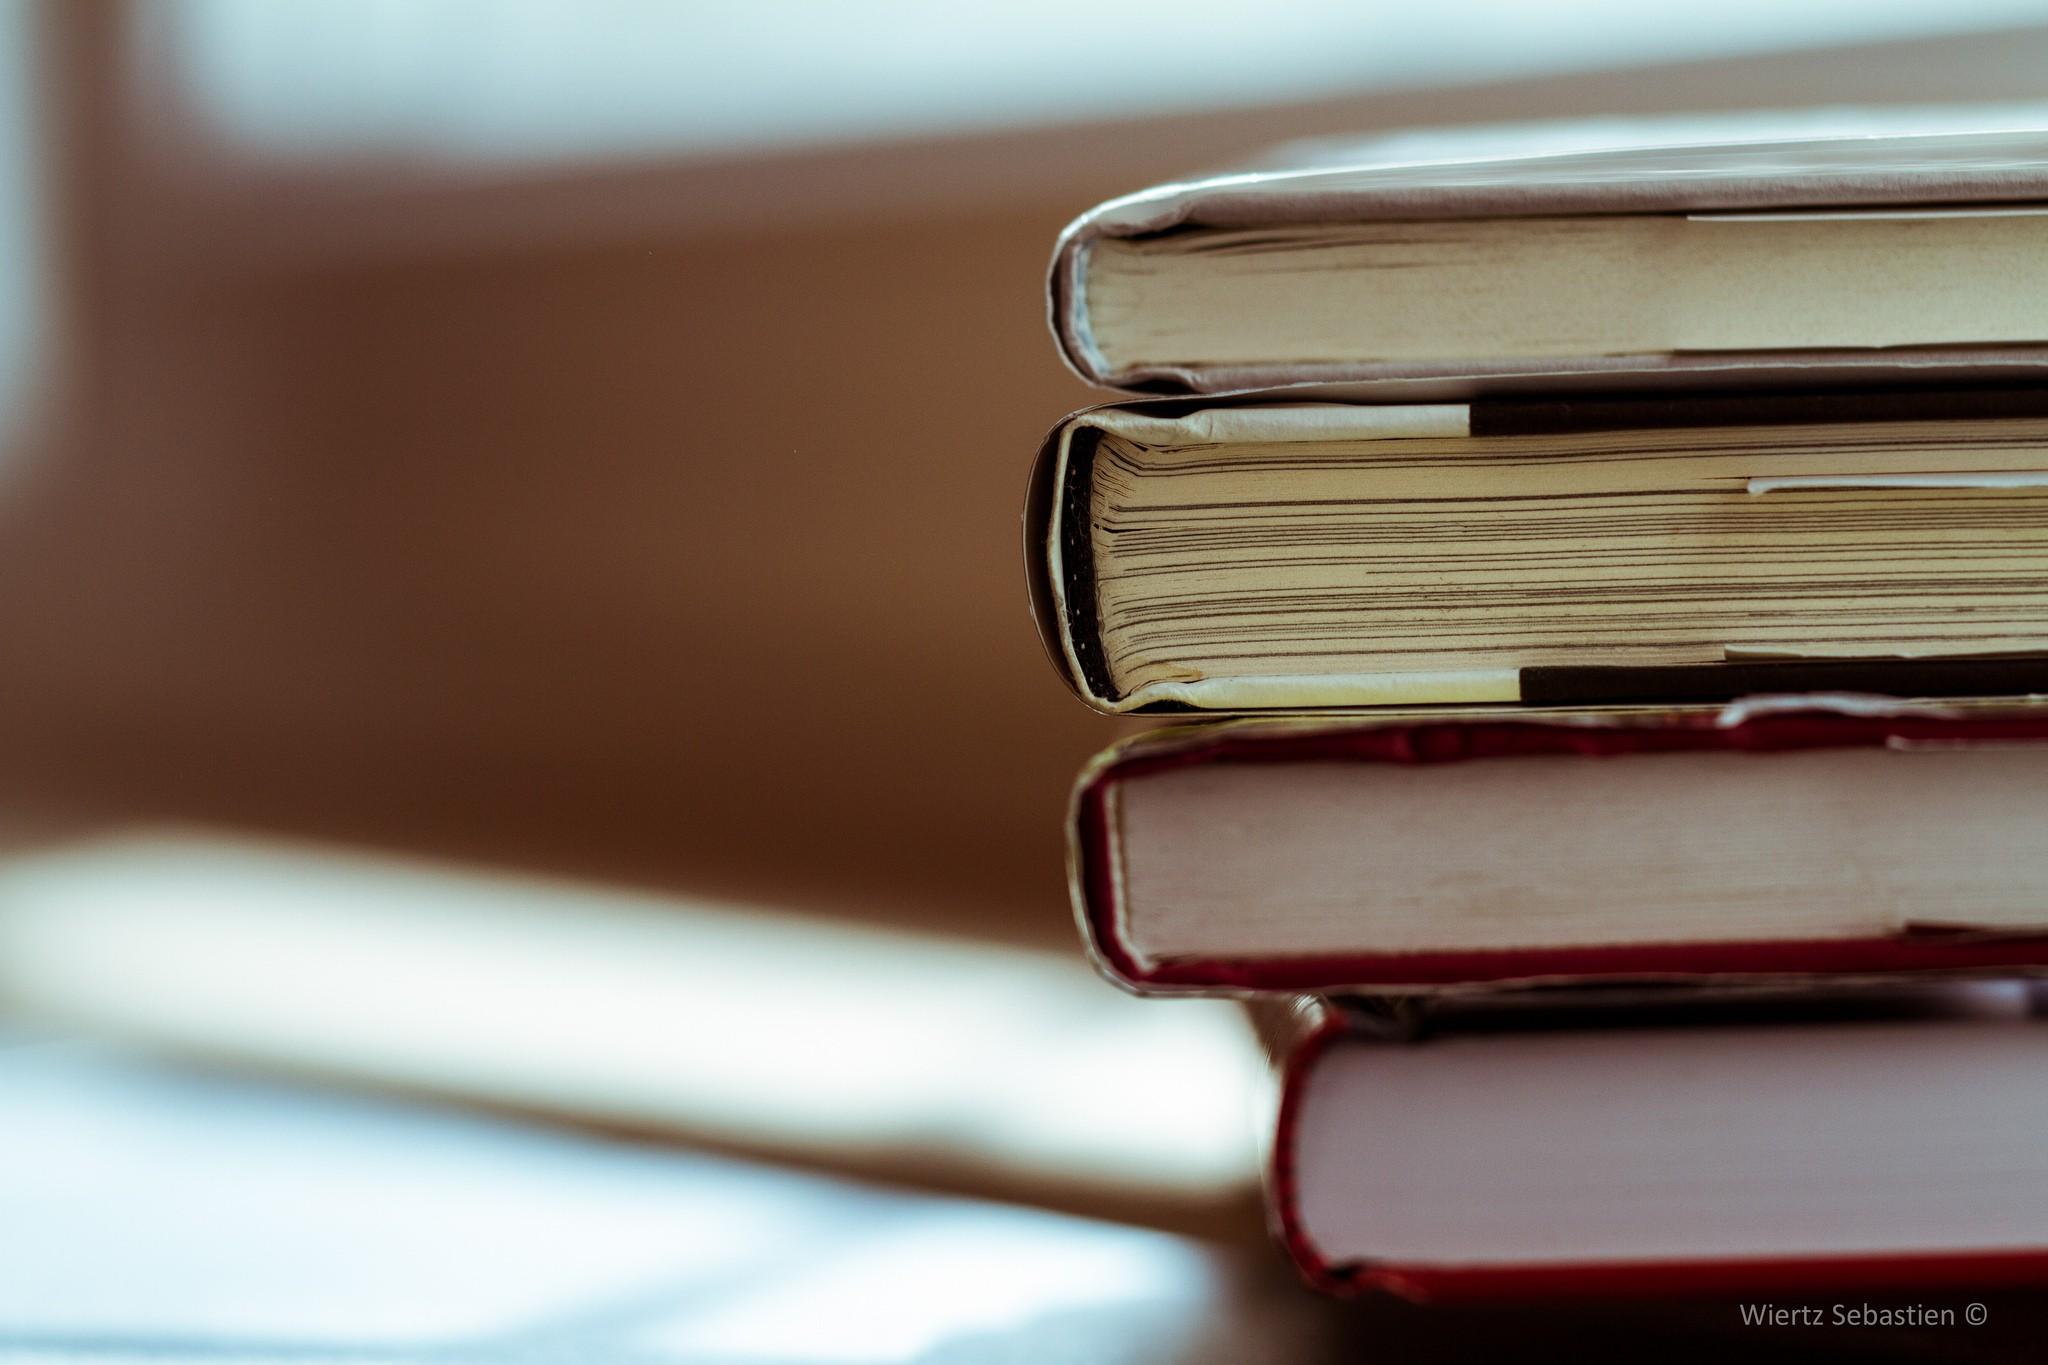 Os 100 melhores livros de não ficção de todos os tempos